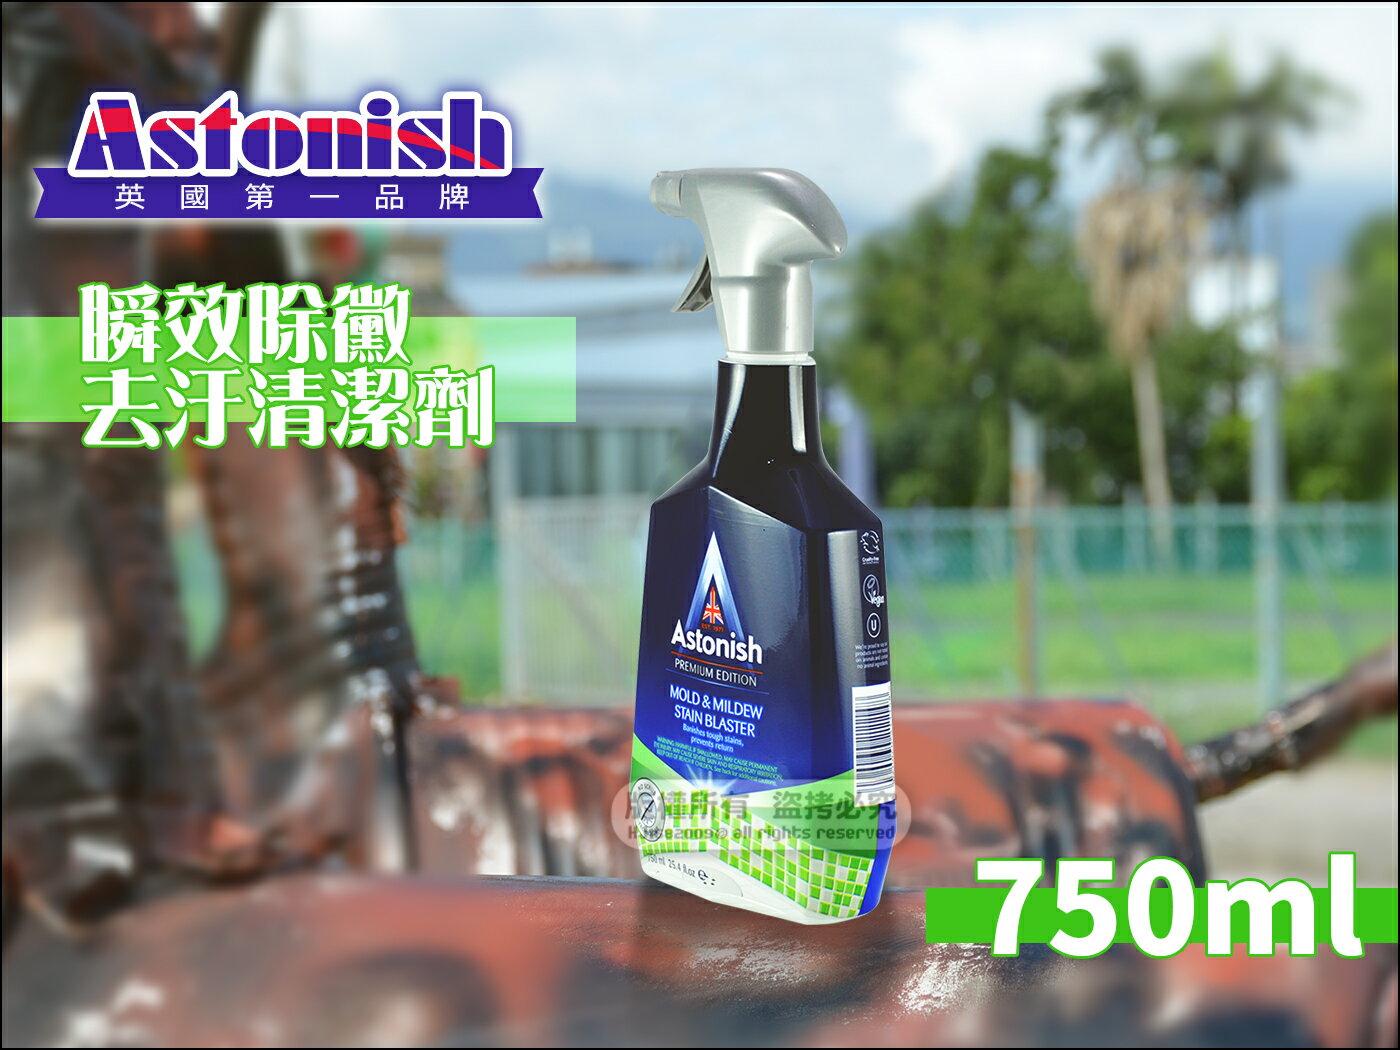 快樂屋♪ 英國潔 Astonish 1148 頂級瞬效除黴去污清潔劑 750ml